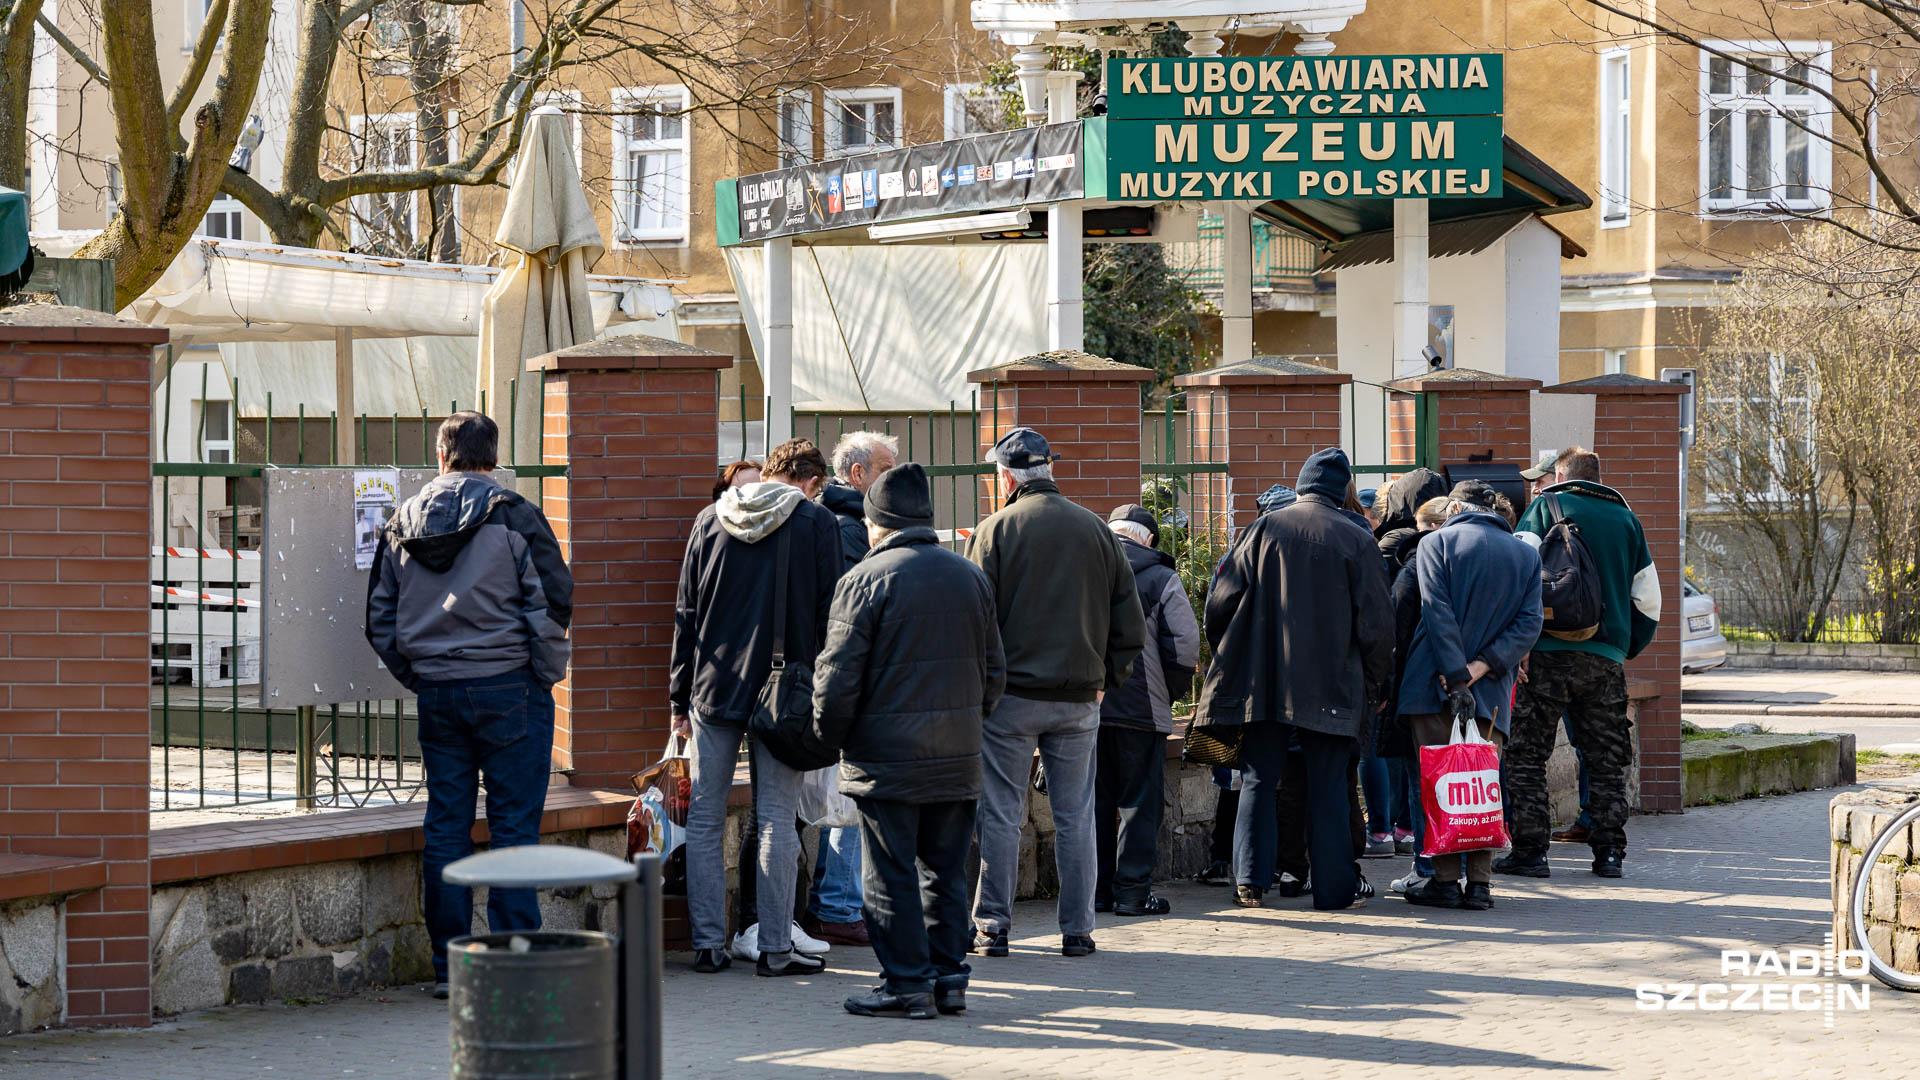 Szczecińska restauracja pomaga. Sto obiadów dziennie - tak nazywa się akcja Sorrento.